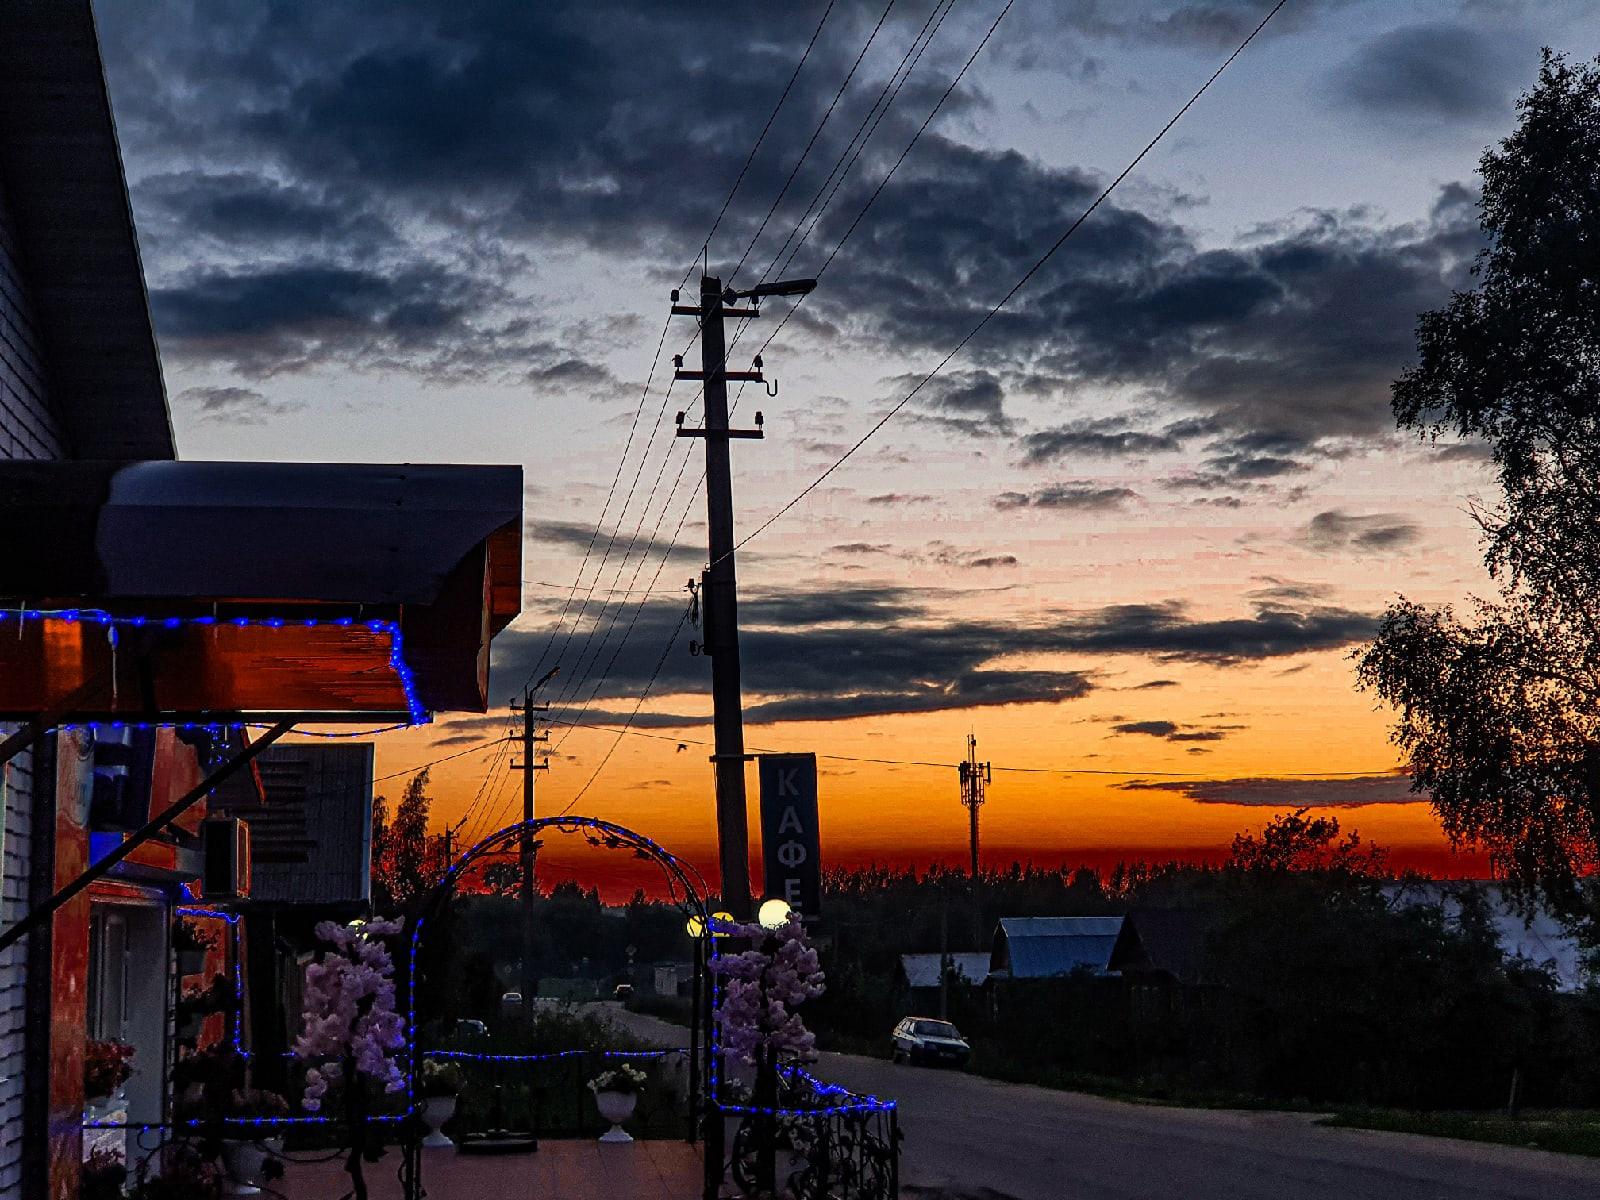 18 июля в Тверской области опять обещают грозы и ливни с градом